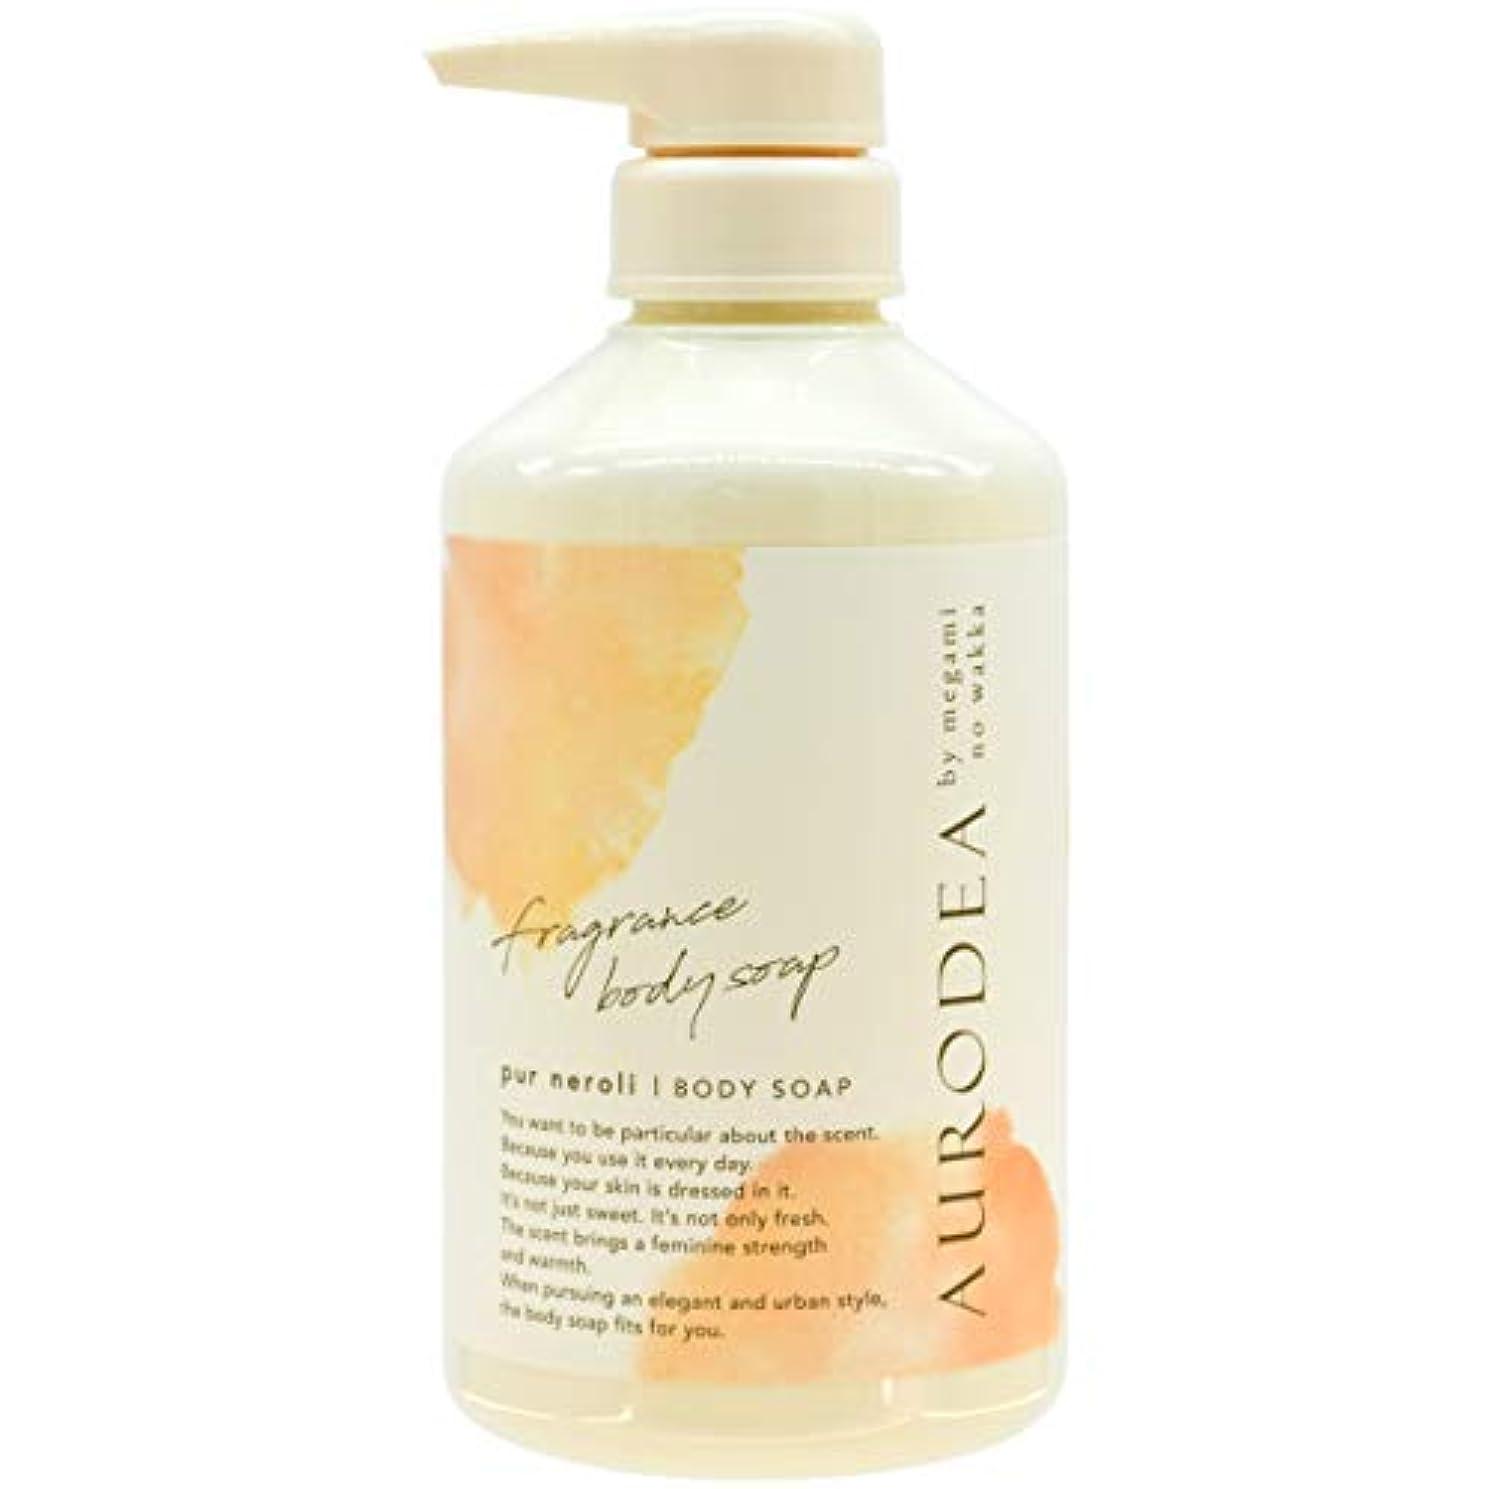 メンタル驚くべきチャールズキージングAURODEA (アウロディア) フレグランス ボディソープ ピュールネロリの香り [ 植物由来 敏感肌 ] 480ml せっけんベース 4種の ビタミン by megami no wakka